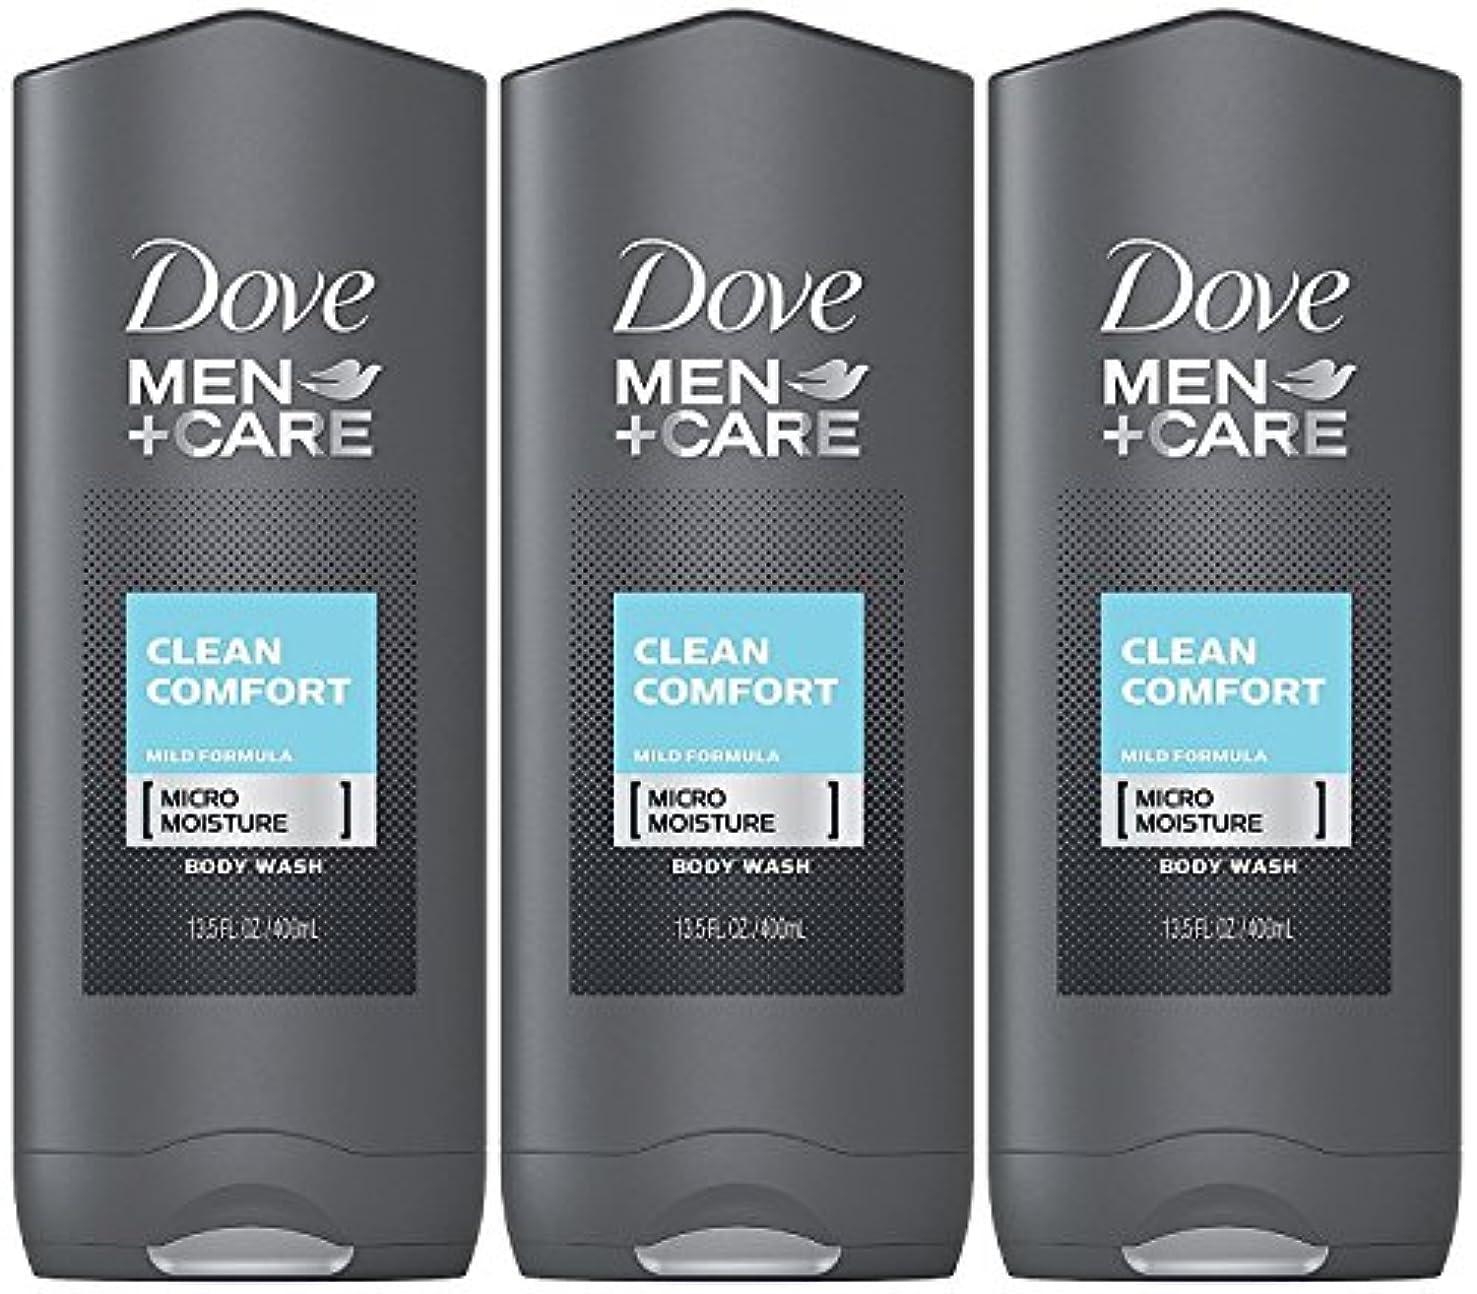 スカーフ七面鳥スキニーDove Men Plus Care Body and Face Wash Clean Comfort , 13.5 Oz by Dove